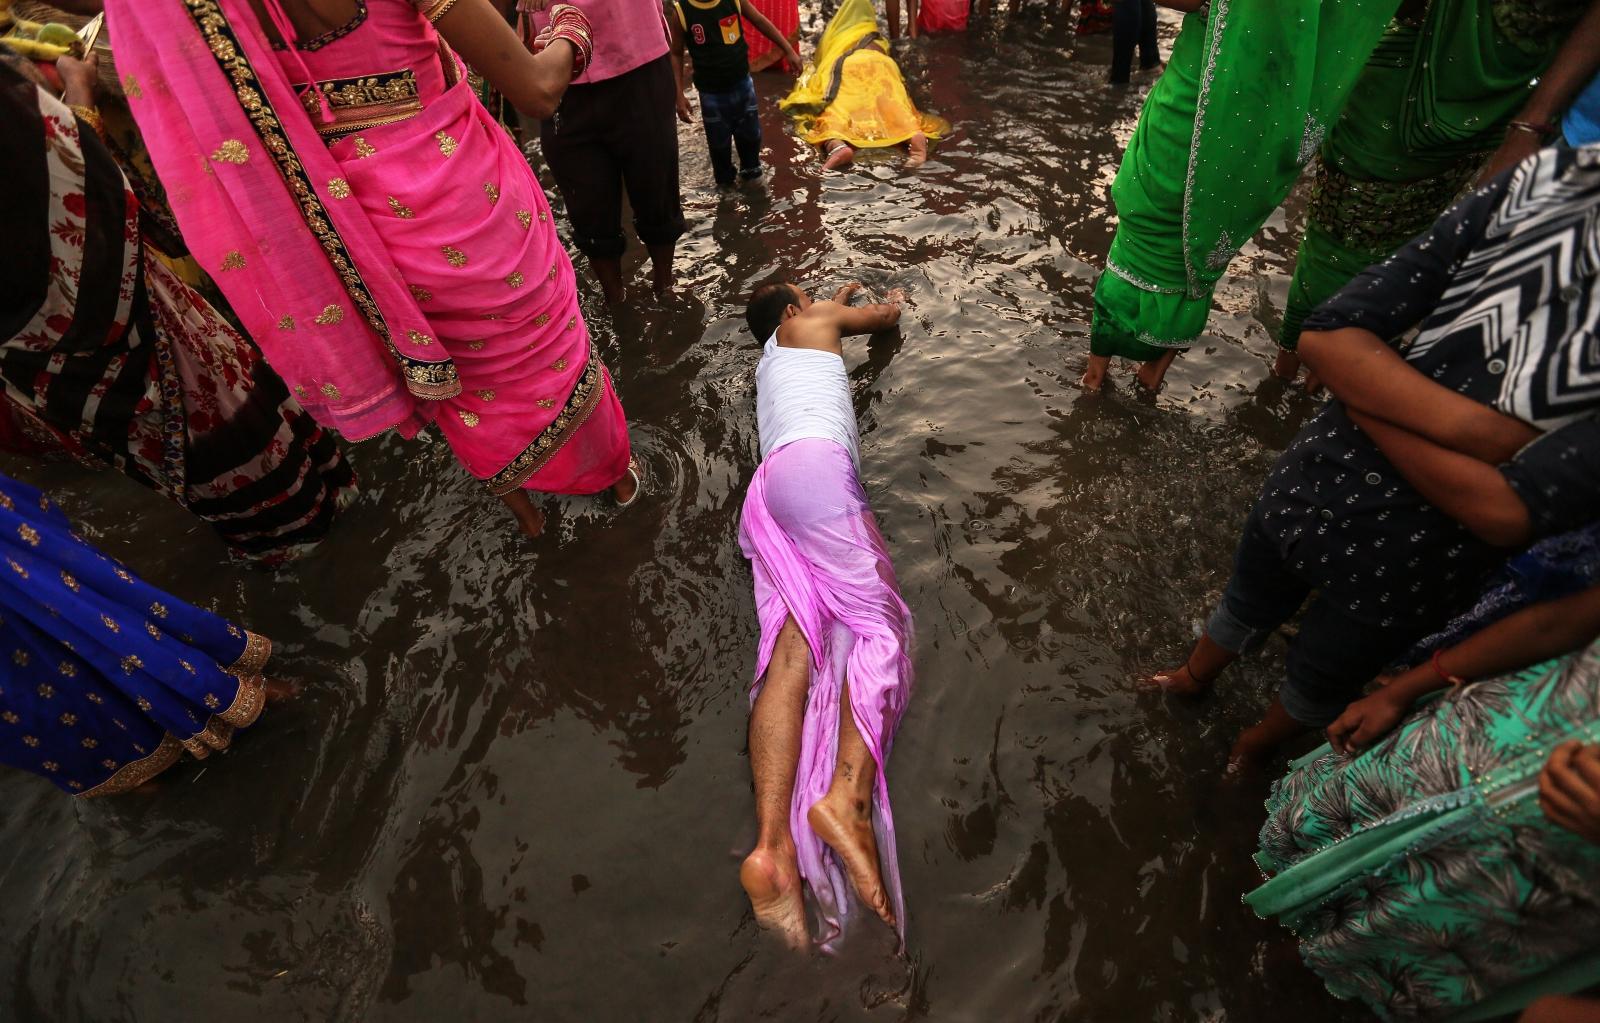 Festiwal Chhath Puja w Mumbaju